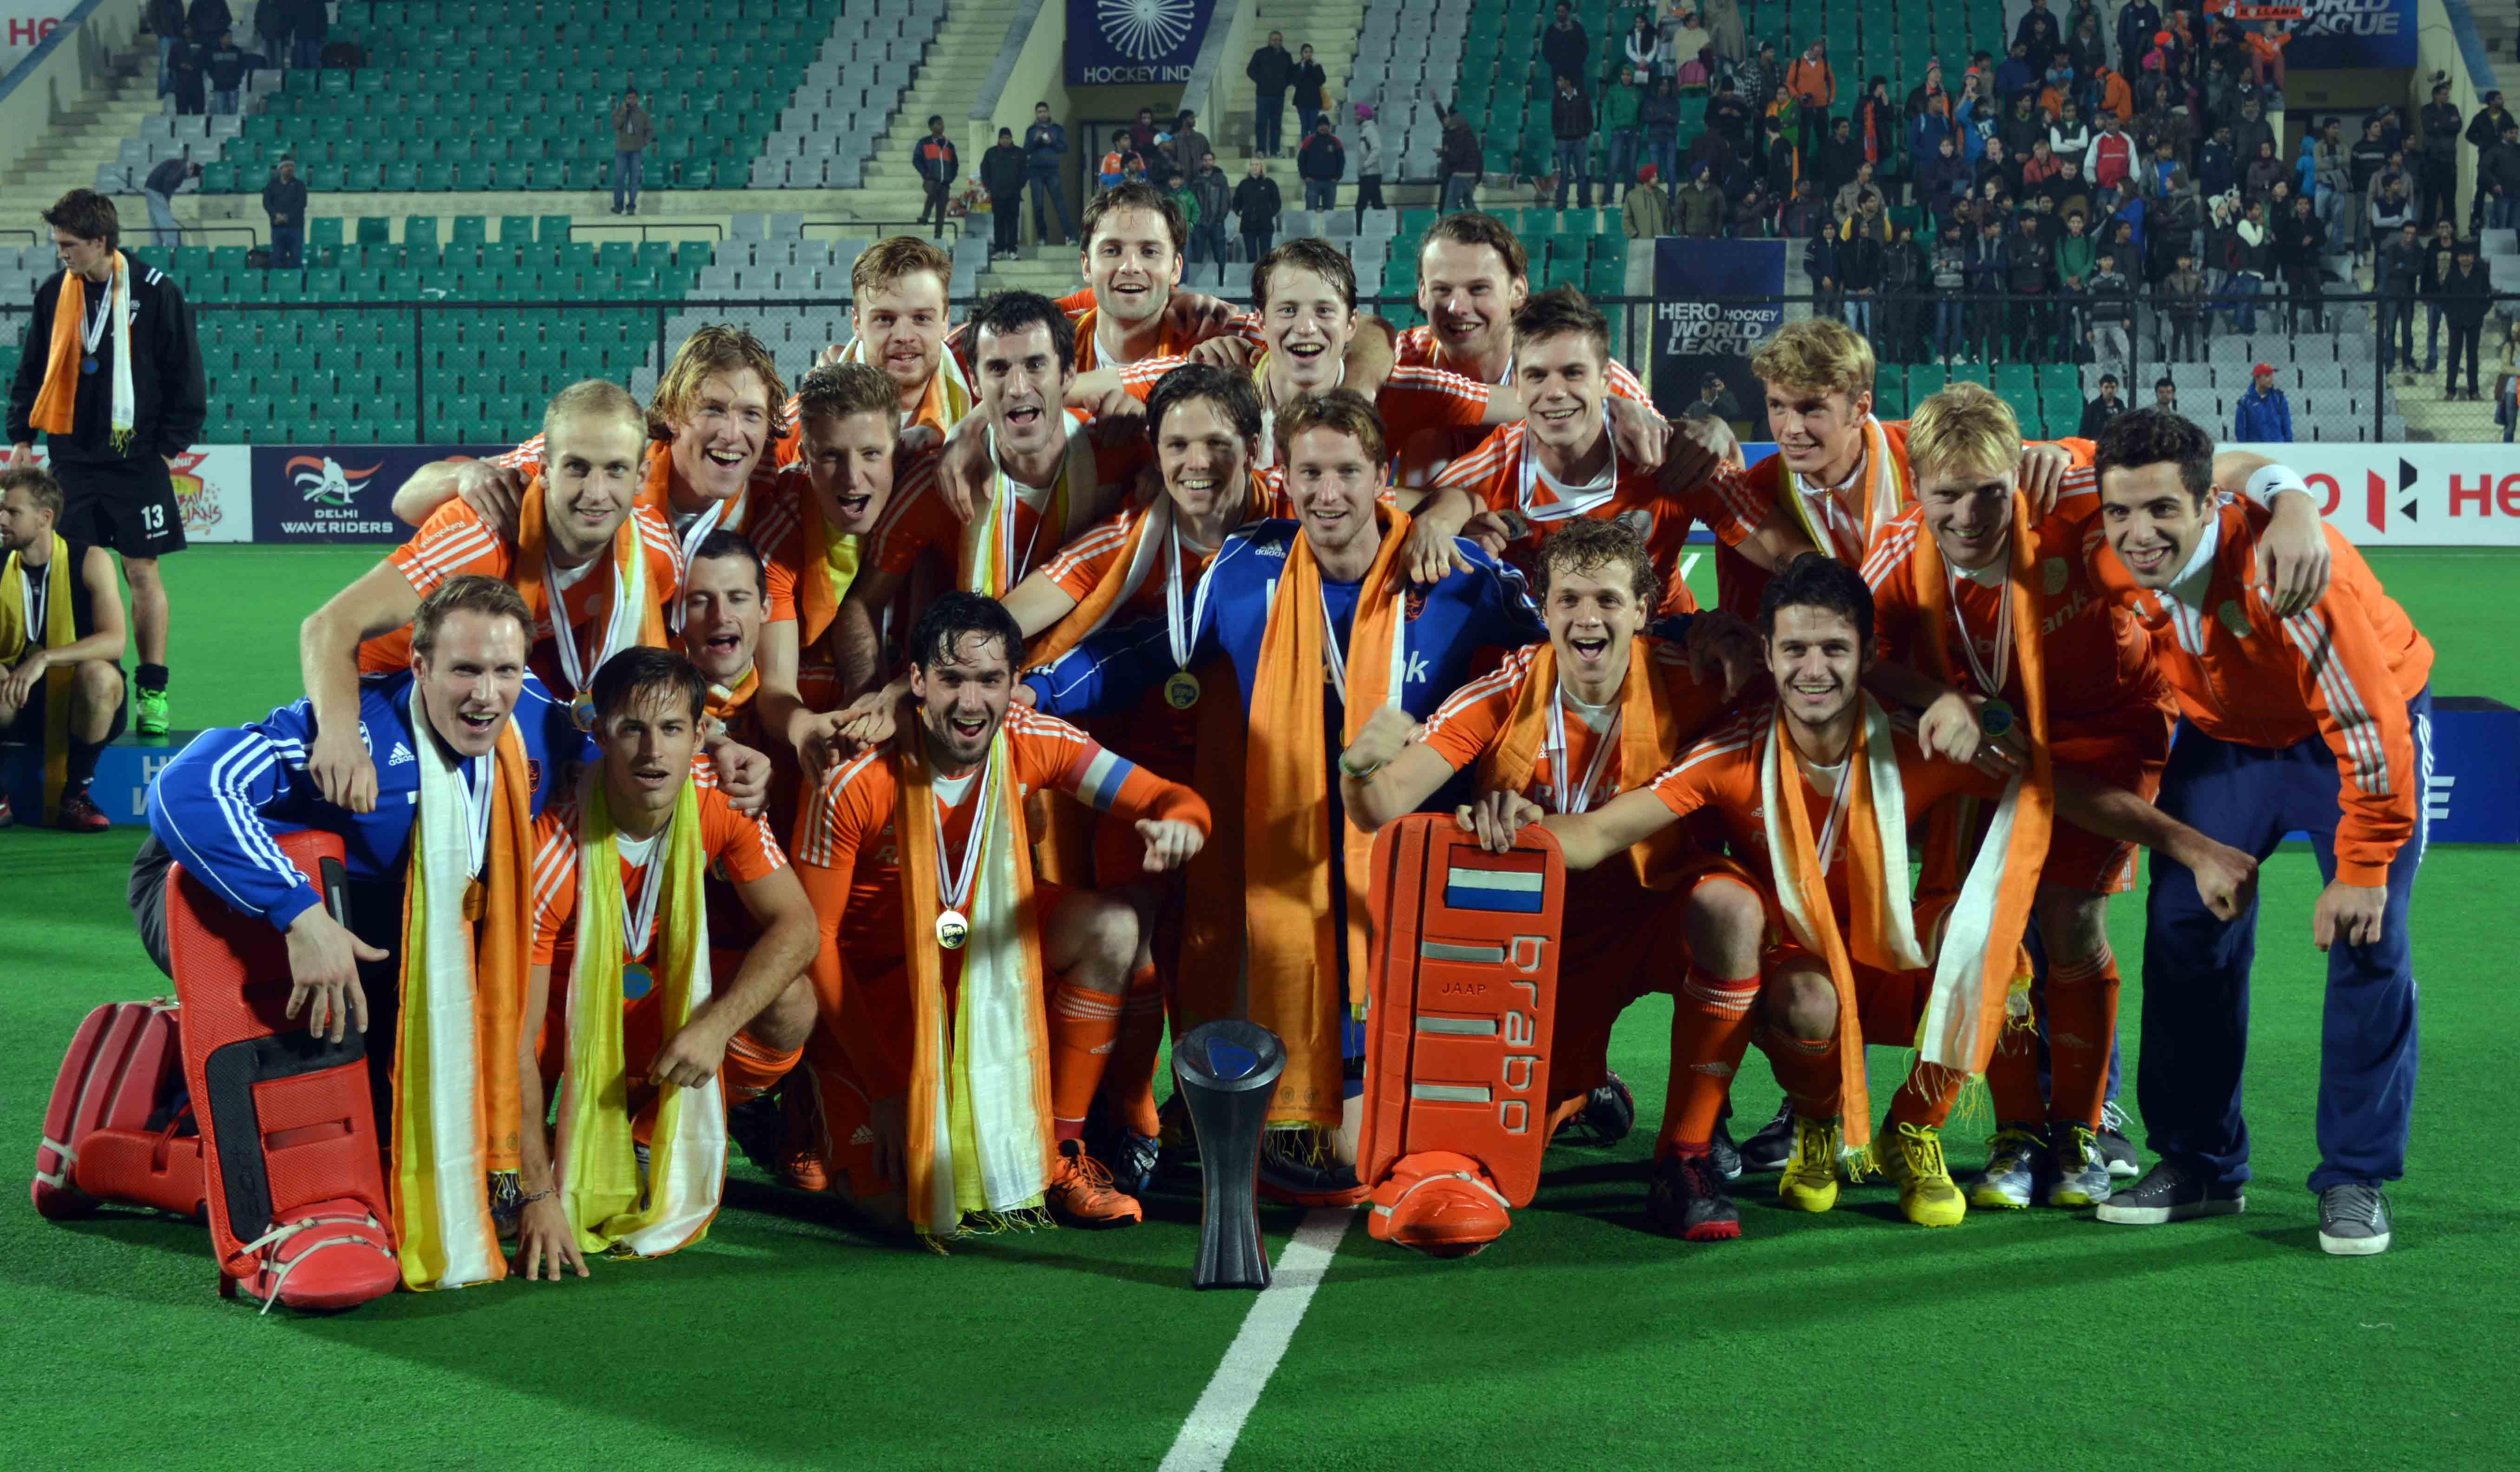 Oranje Nederland